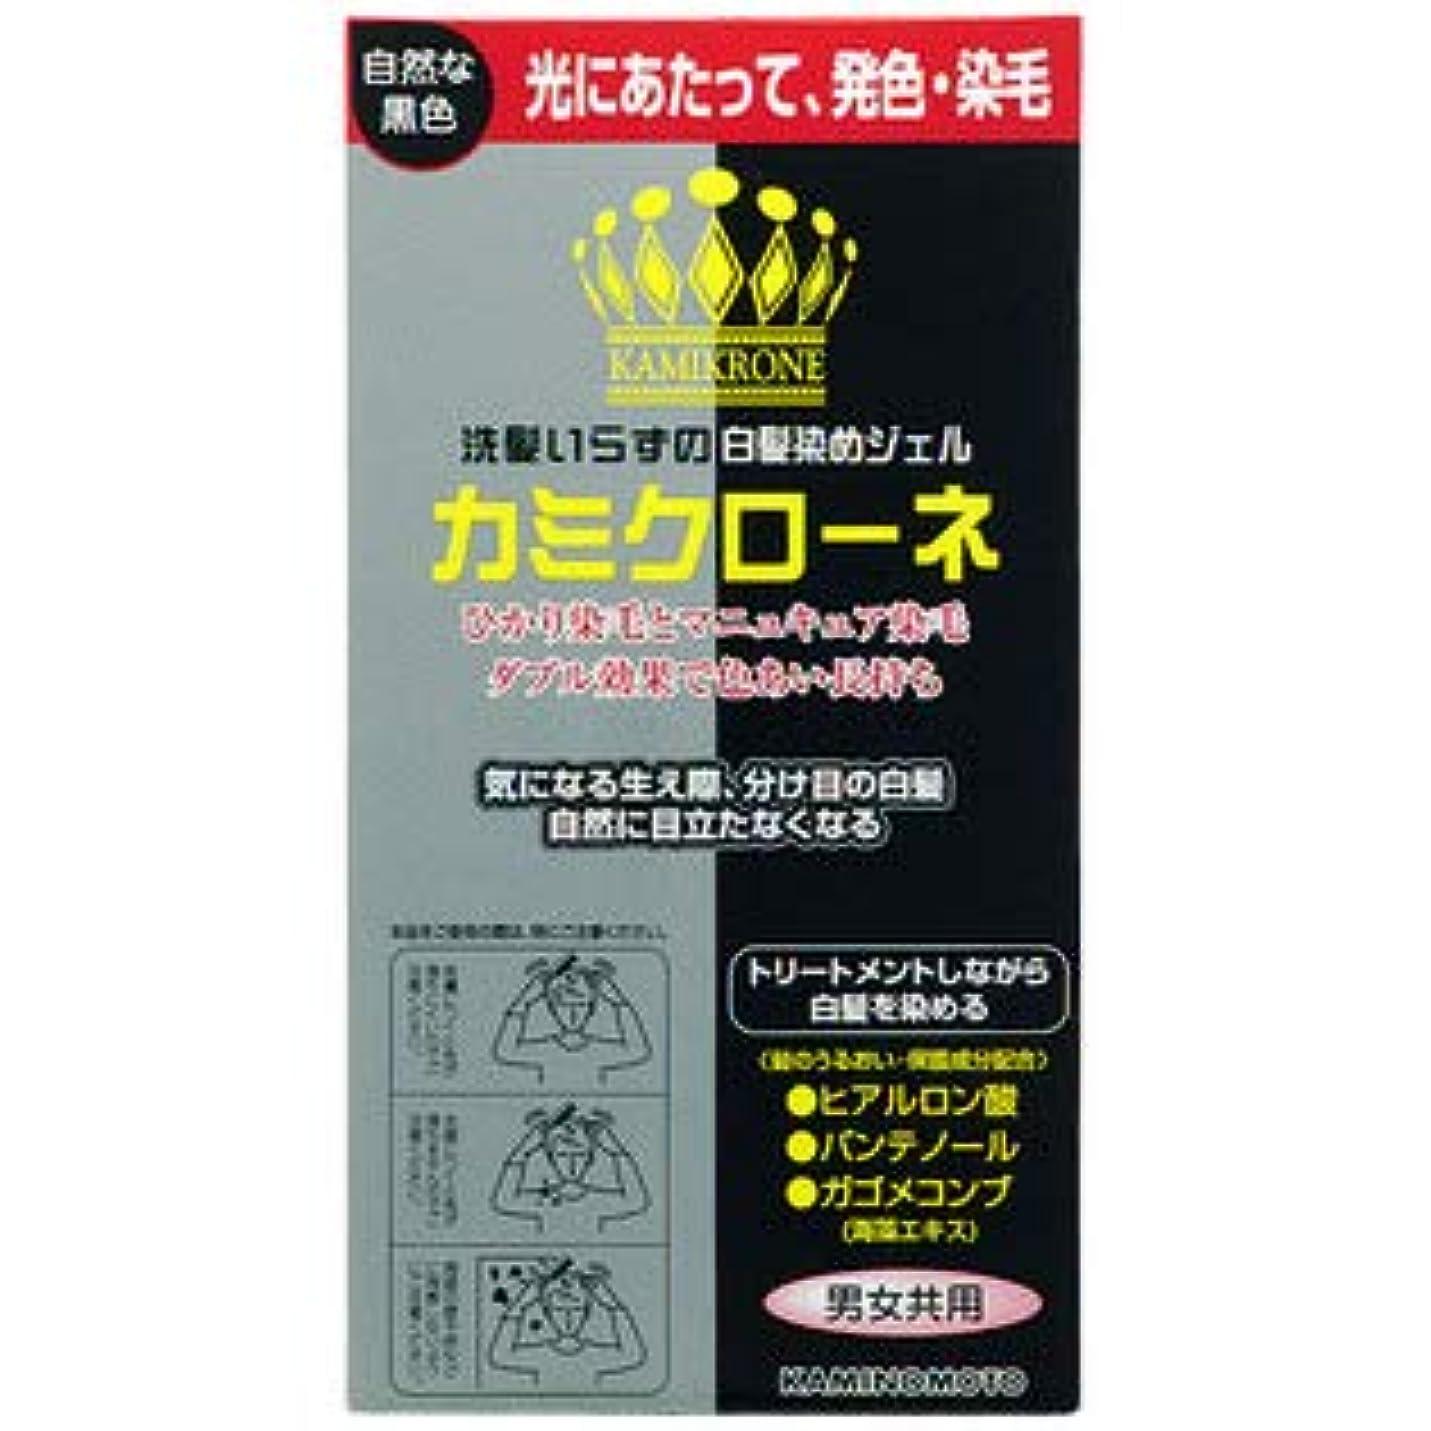 擁するインセンティブエロチック【3個】 加美乃素 カミクローネ 自然な黒色 80mlx3個 (4987046820013)